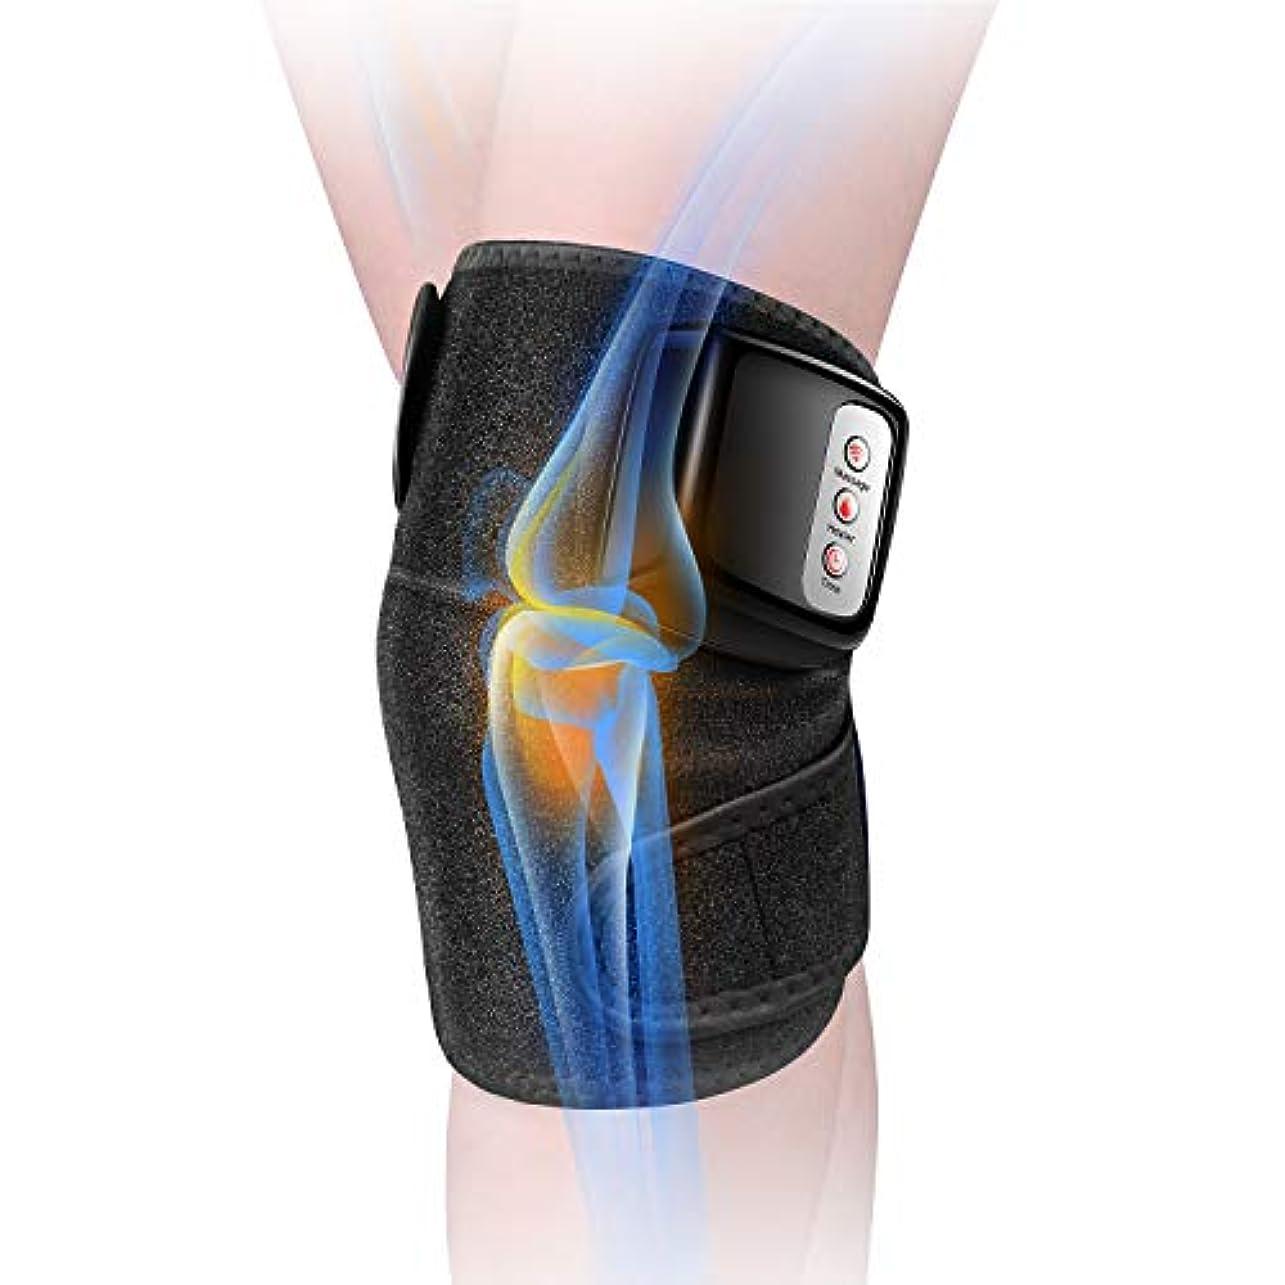 天皇評論家安心膝マッサージャー 関節マッサージャー マッサージ器 フットマッサージャー 振動 赤外線療法 温熱療法 膝サポーター ストレス解消 肩 太もも/腕対応